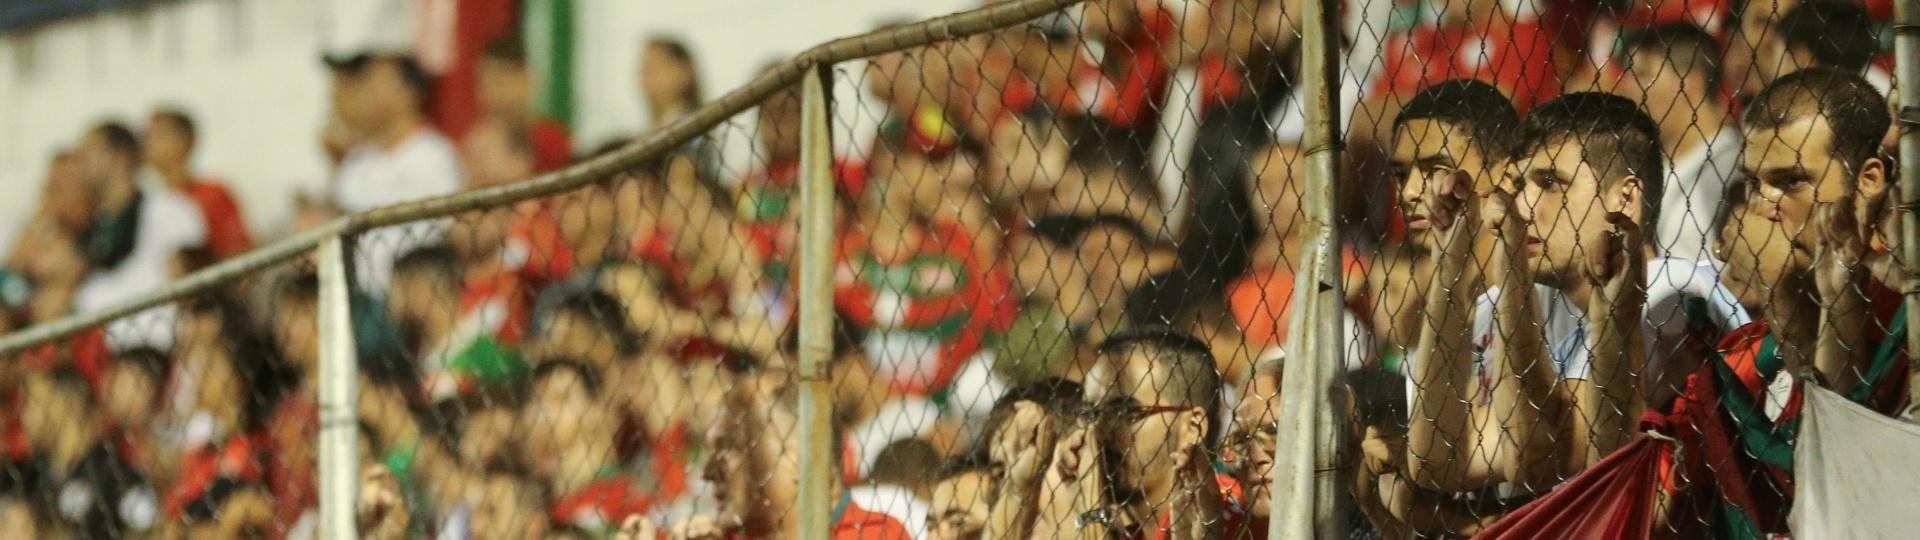 Torcida da Portuguesa acompanha jogo contra o Juventus no Estádio do Canindé pela Série A2 do Campeonato Paulista 2016